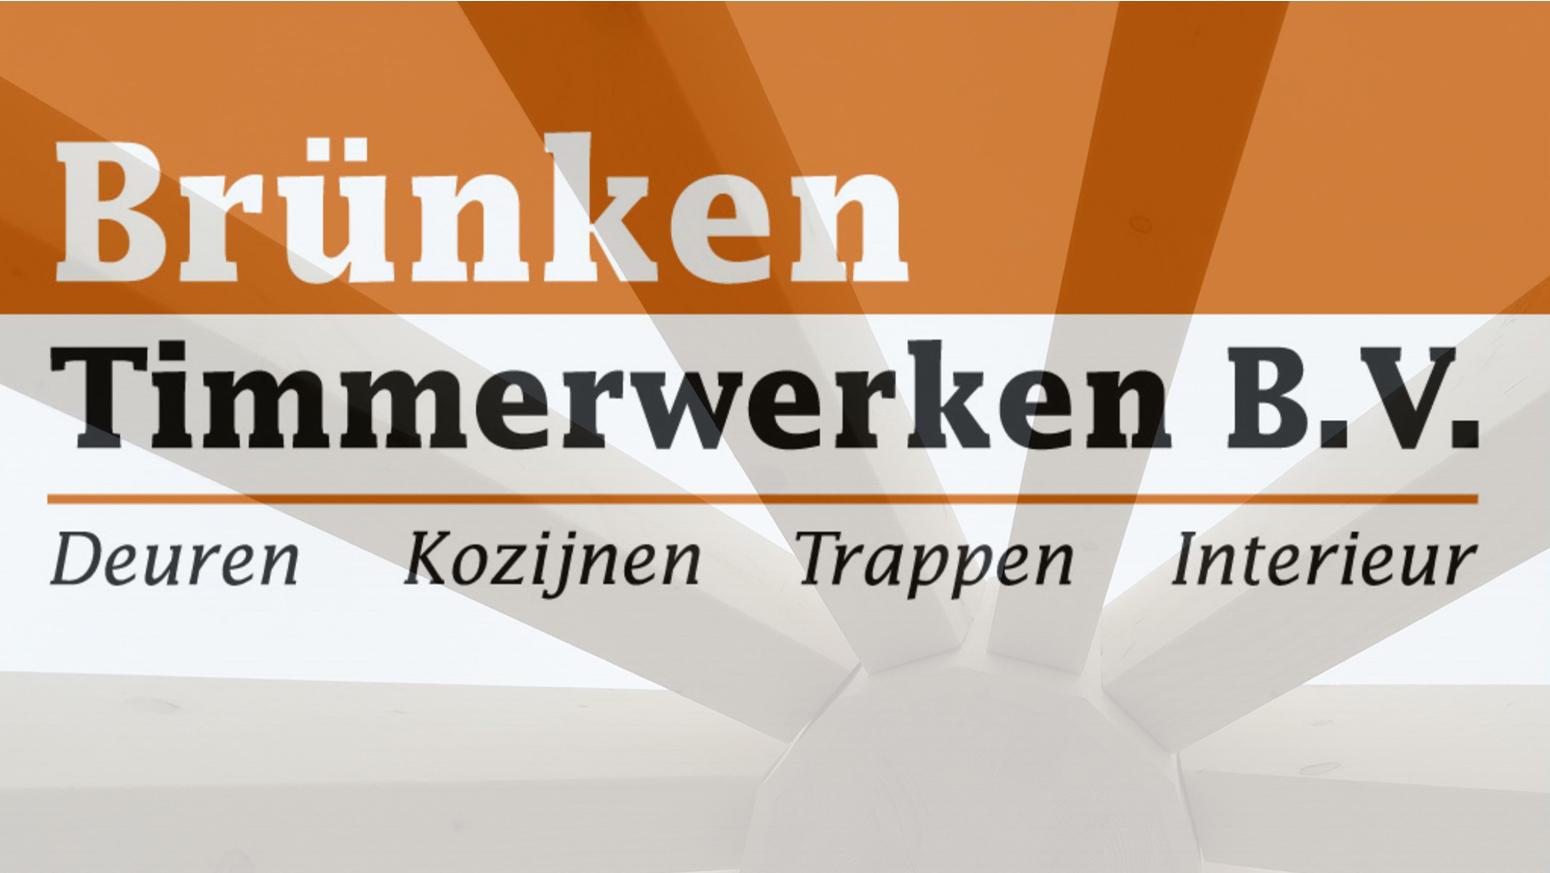 Banner Brünken Timmerwerken B.V Venlo